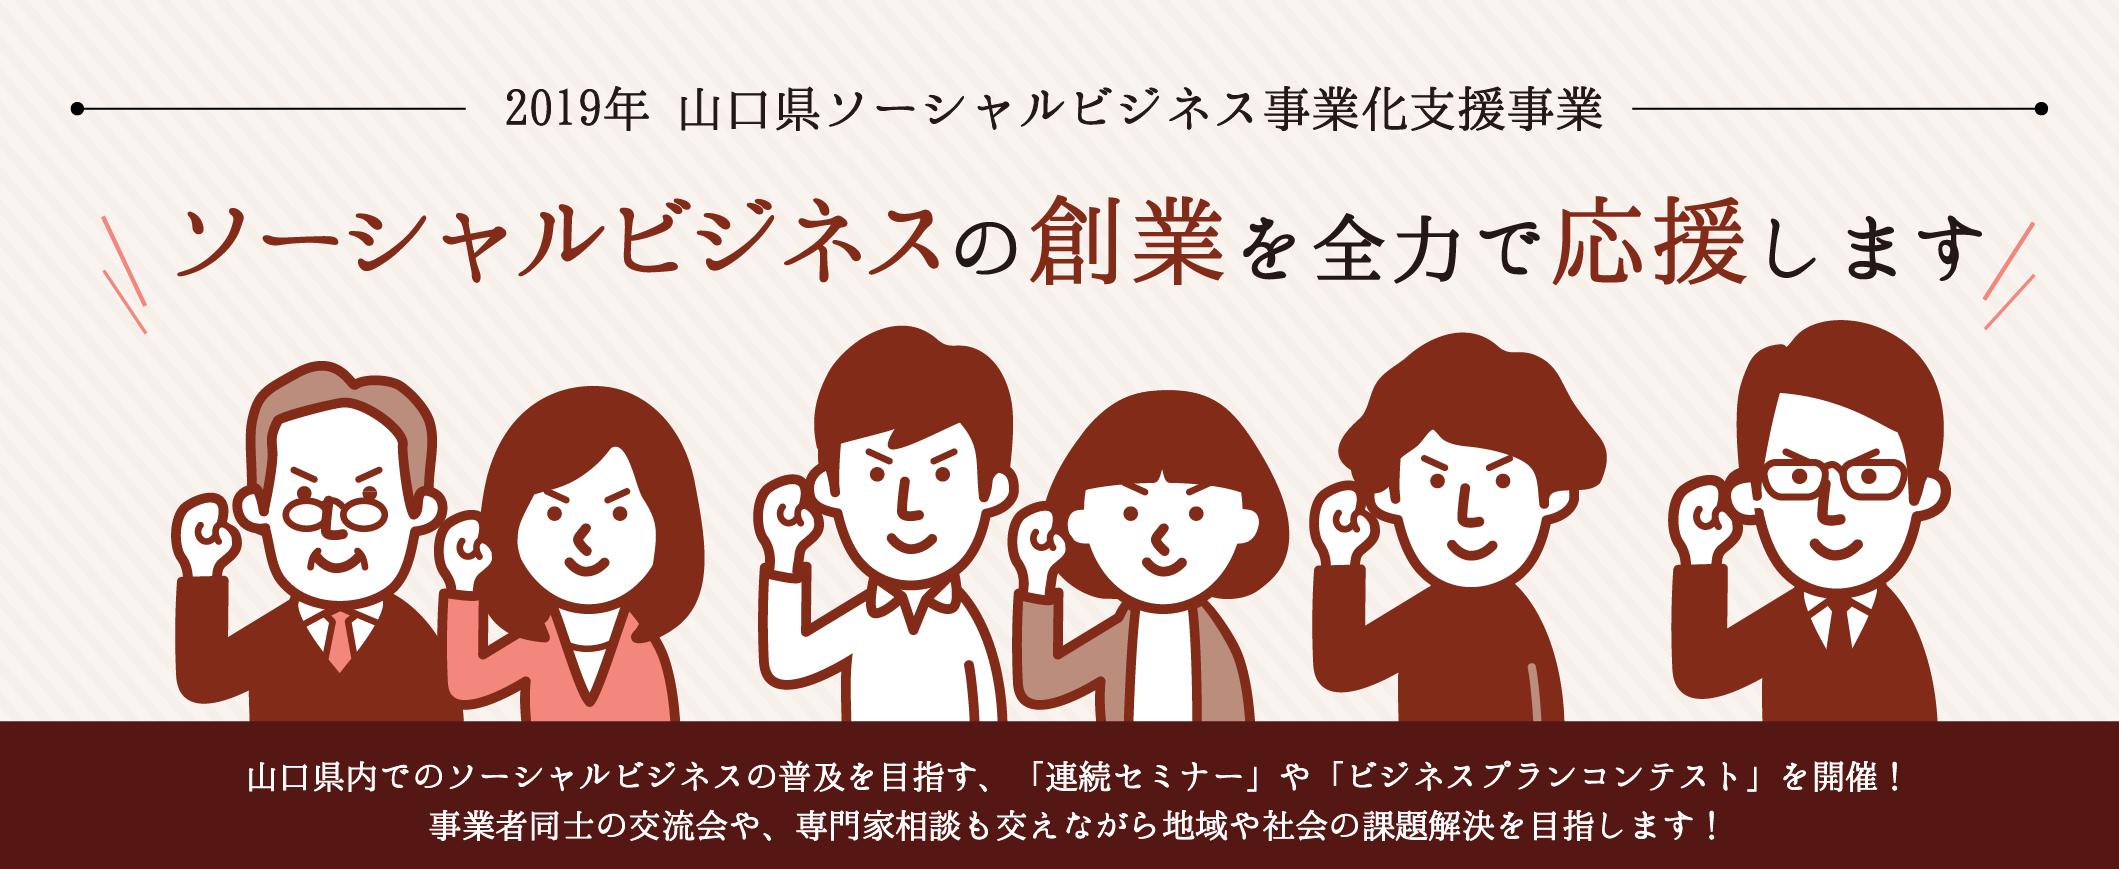 2019年 山口県ソーシャルビジネス事業化支援事業